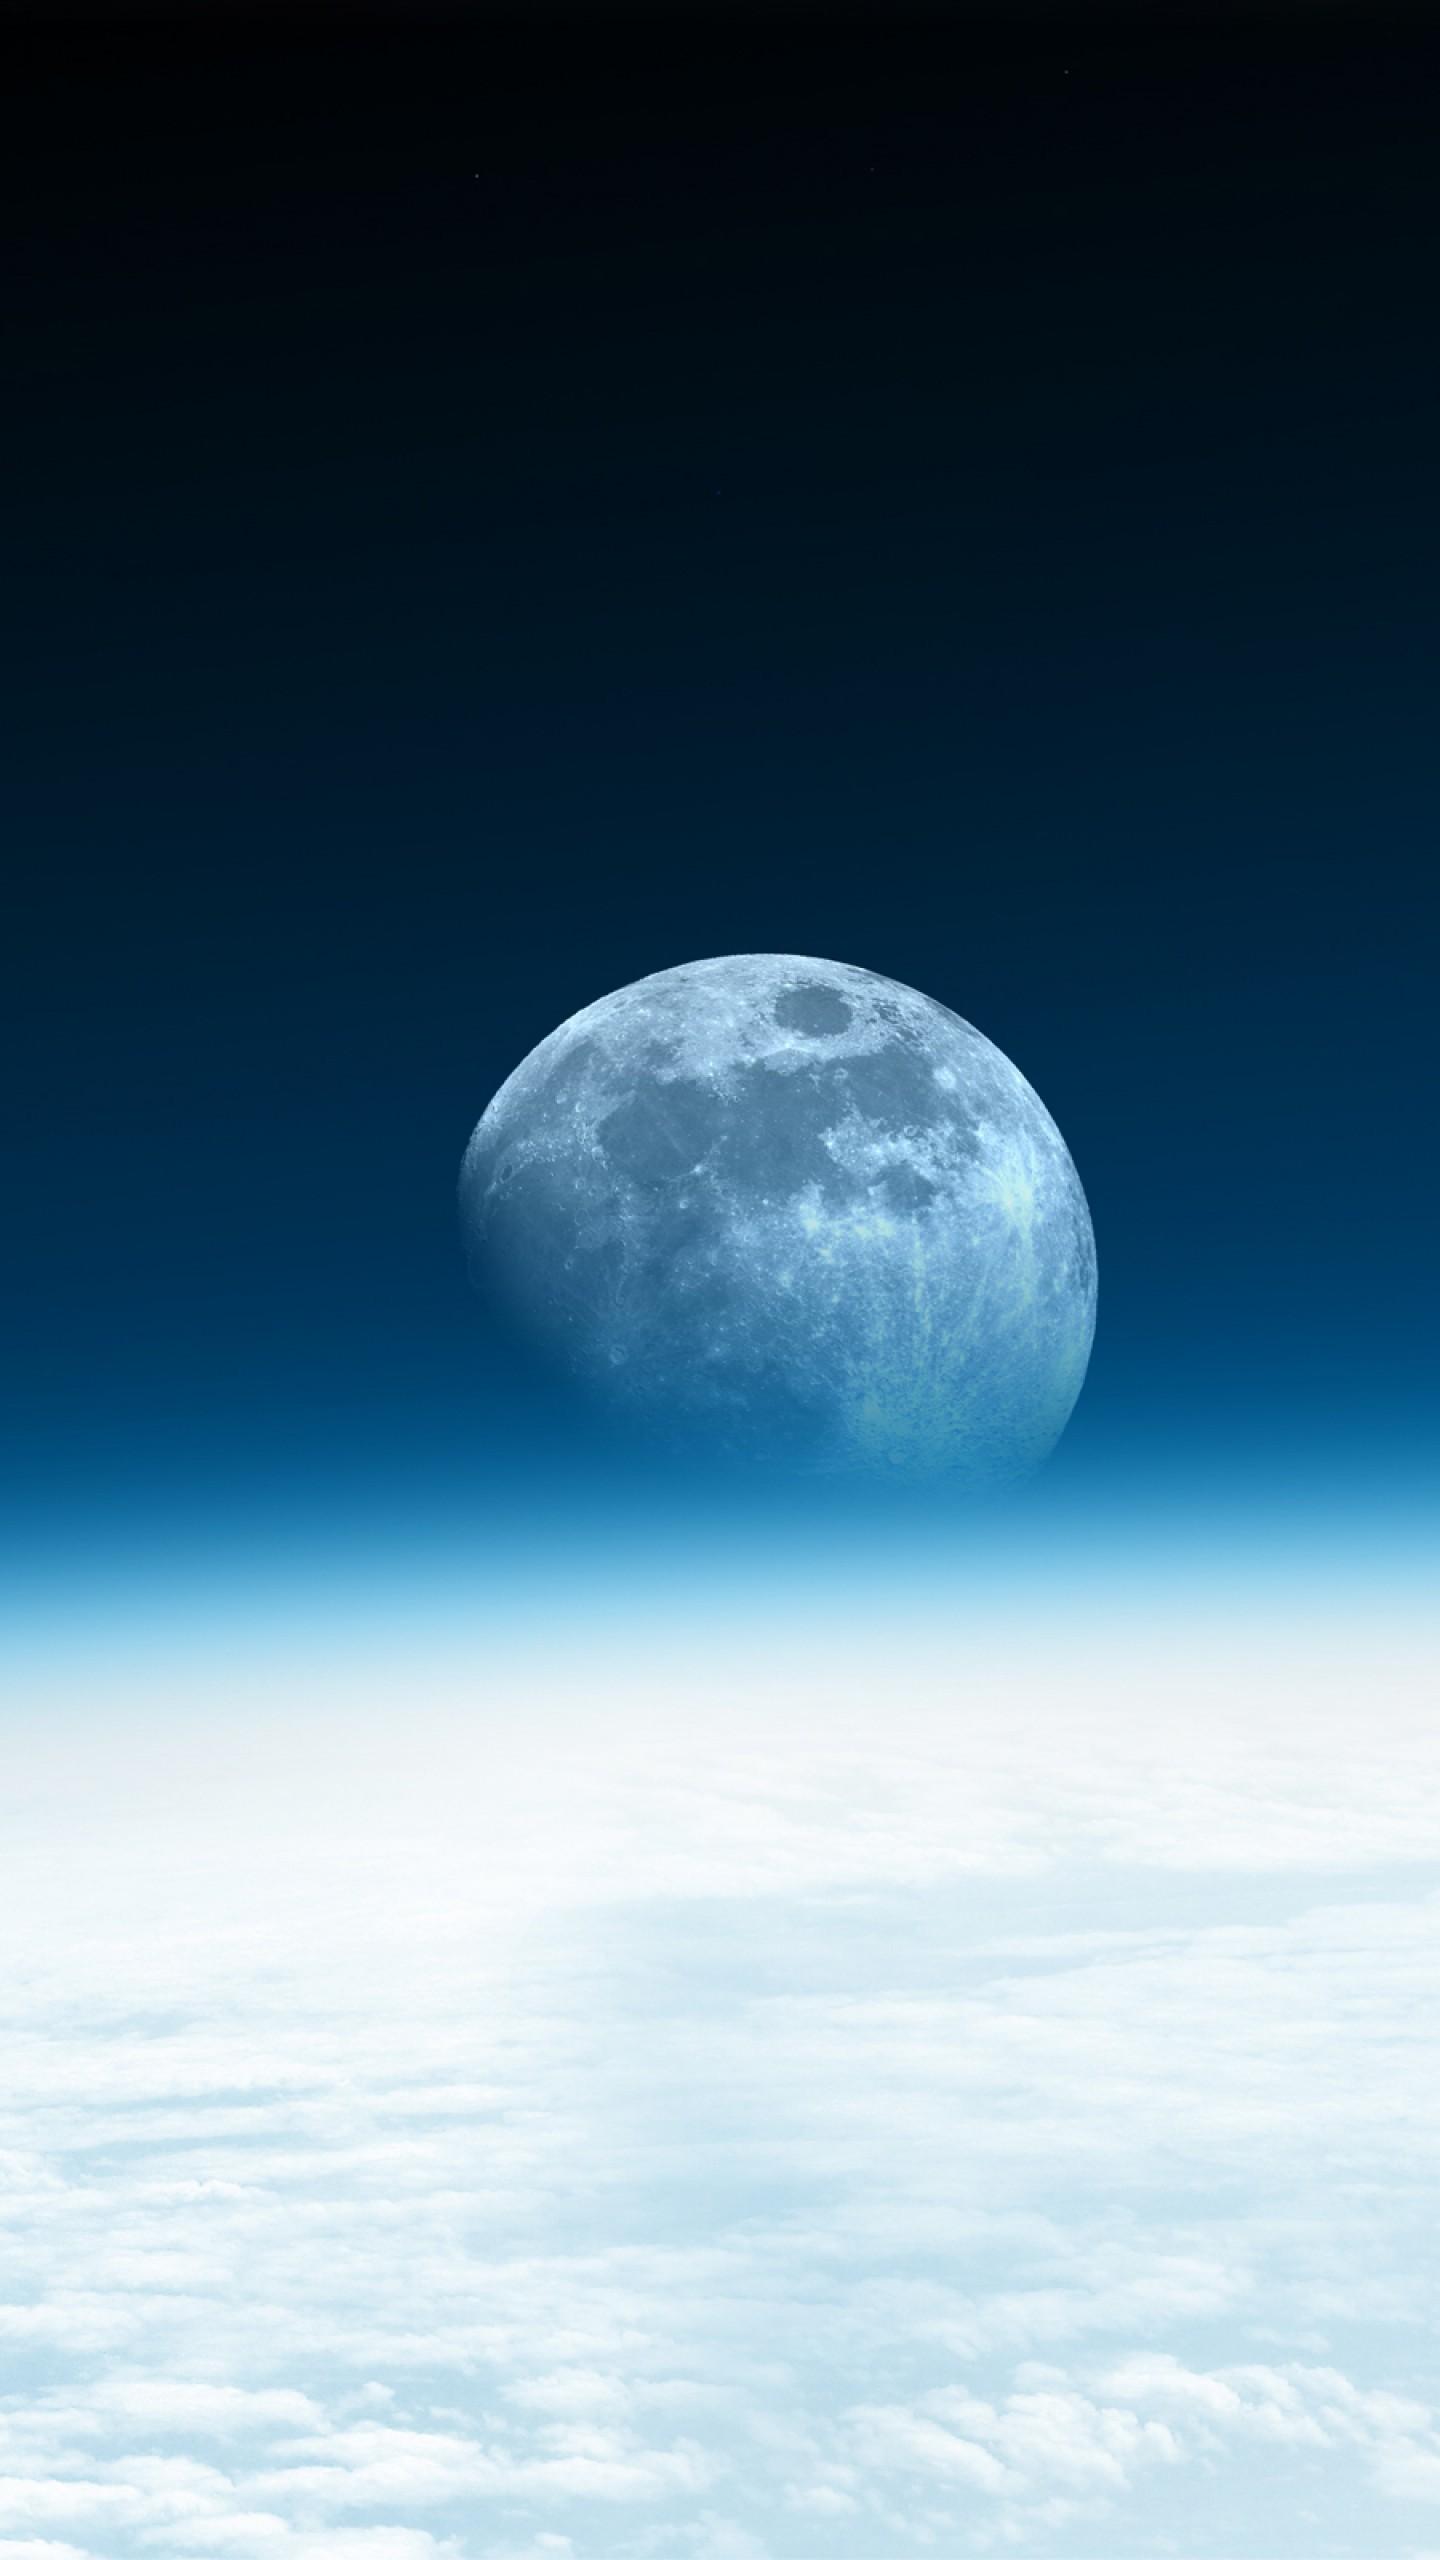 عکس زمینه نمایی از ماه با افق آبی بالای ابرها پس زمینه